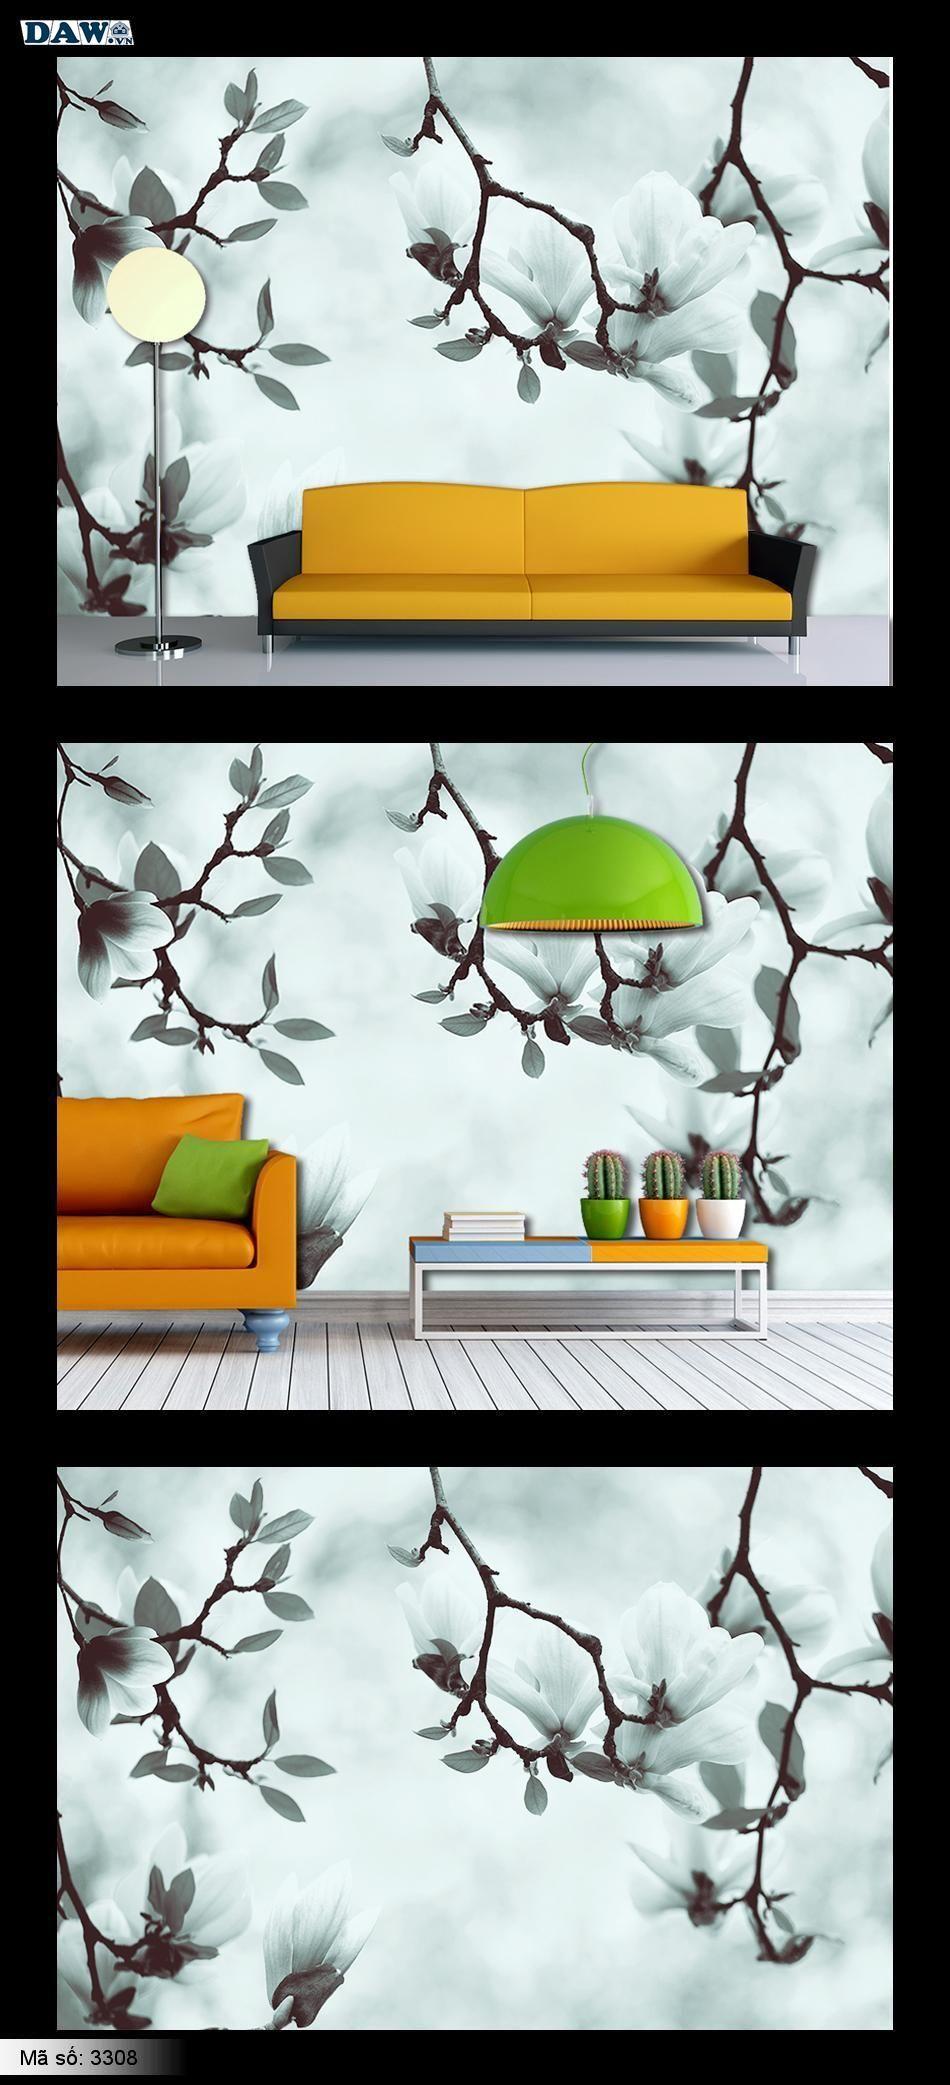 Tranh dán tường hoa, hoa lá, cành hoa, tranh hoa, tranh dán tường hoa mộc lan, mộc lan đẹp 3308